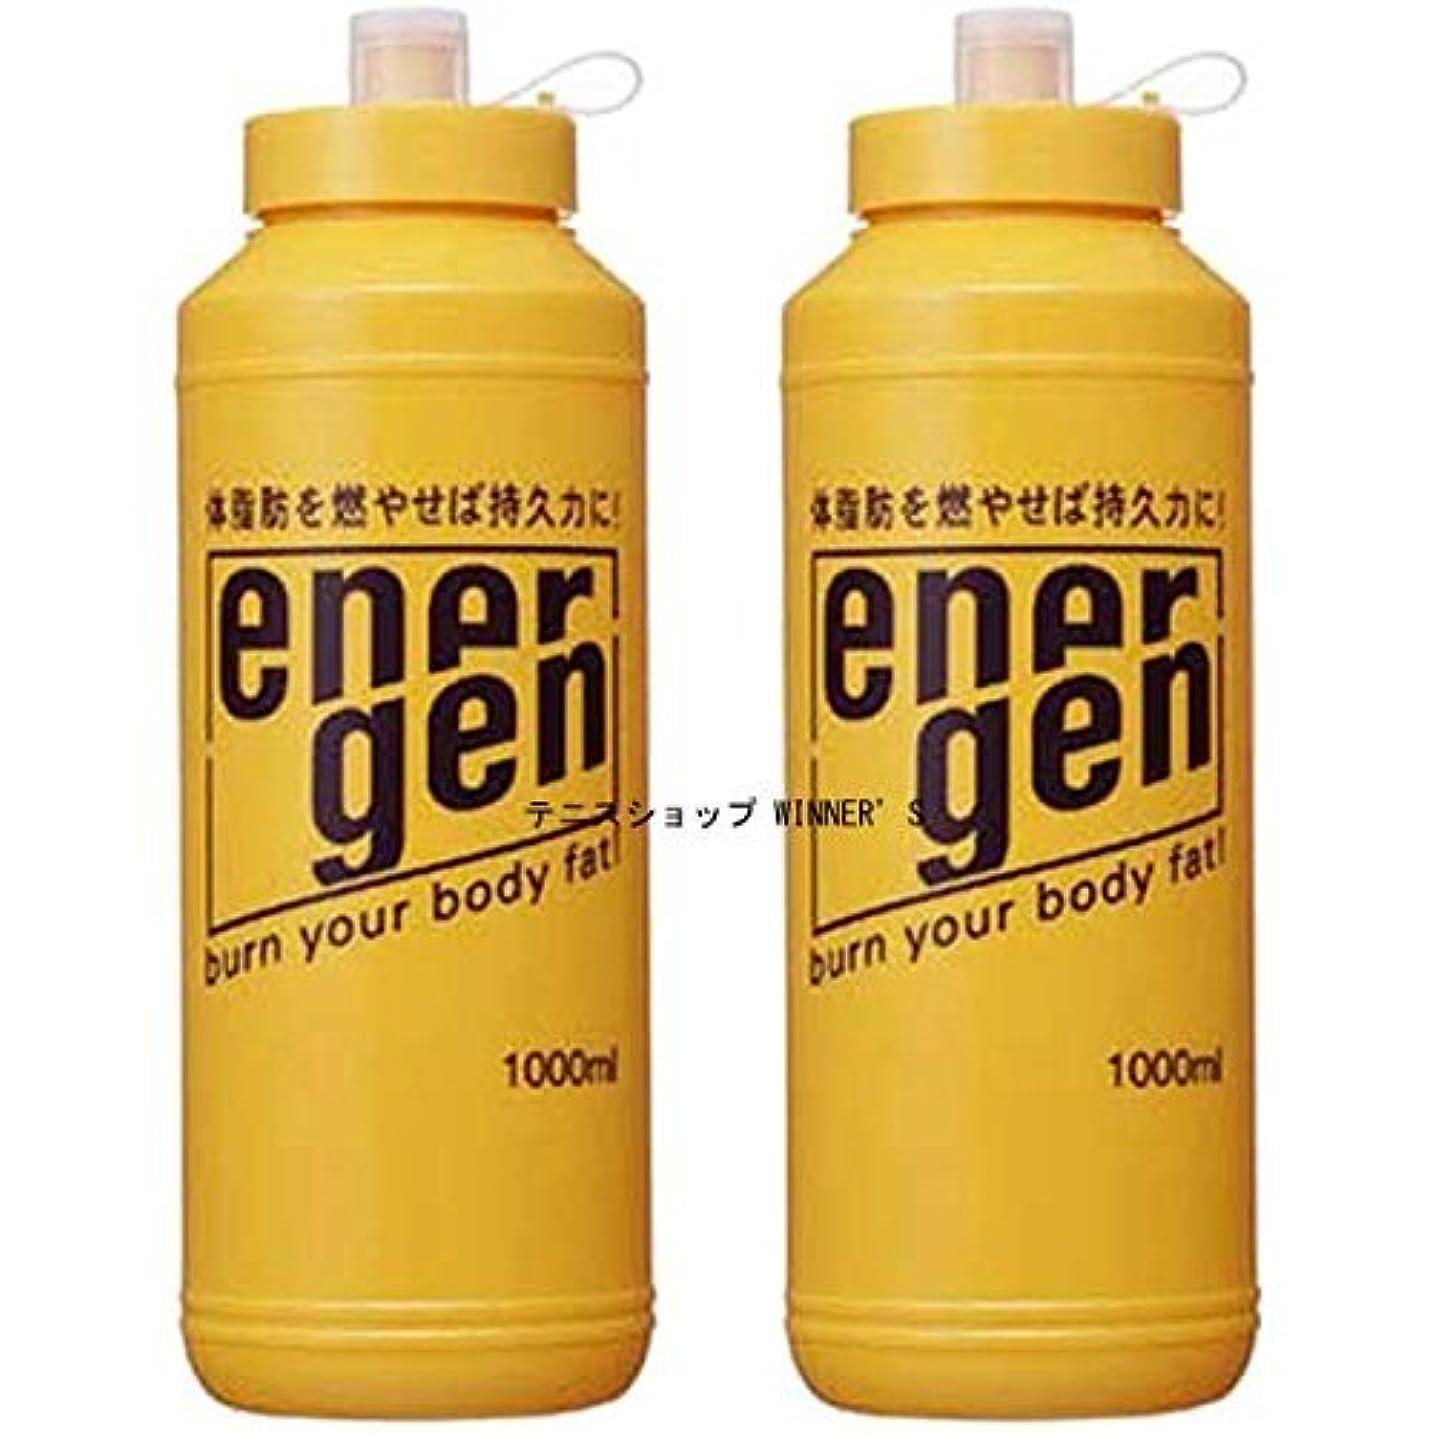 分配しますまっすぐ放棄された大塚製薬 エネルゲン スクイズボトル 1L用×2本 2本セット 55651-2SET